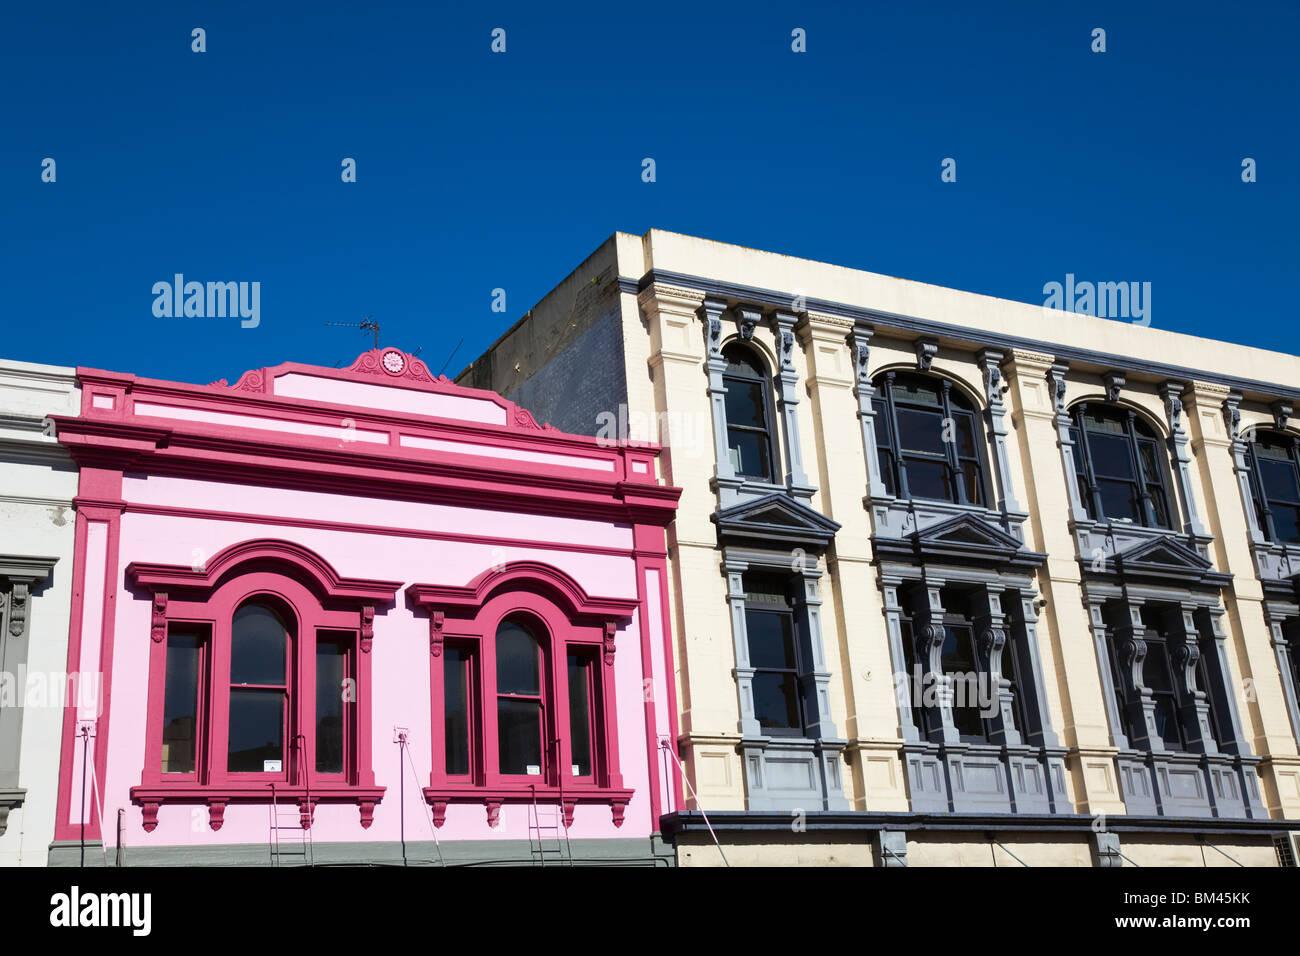 Arquitectura colorida junto Manchester Street. Christchurch, Canterbury, Isla del Sur, Nueva Zelanda Imagen De Stock